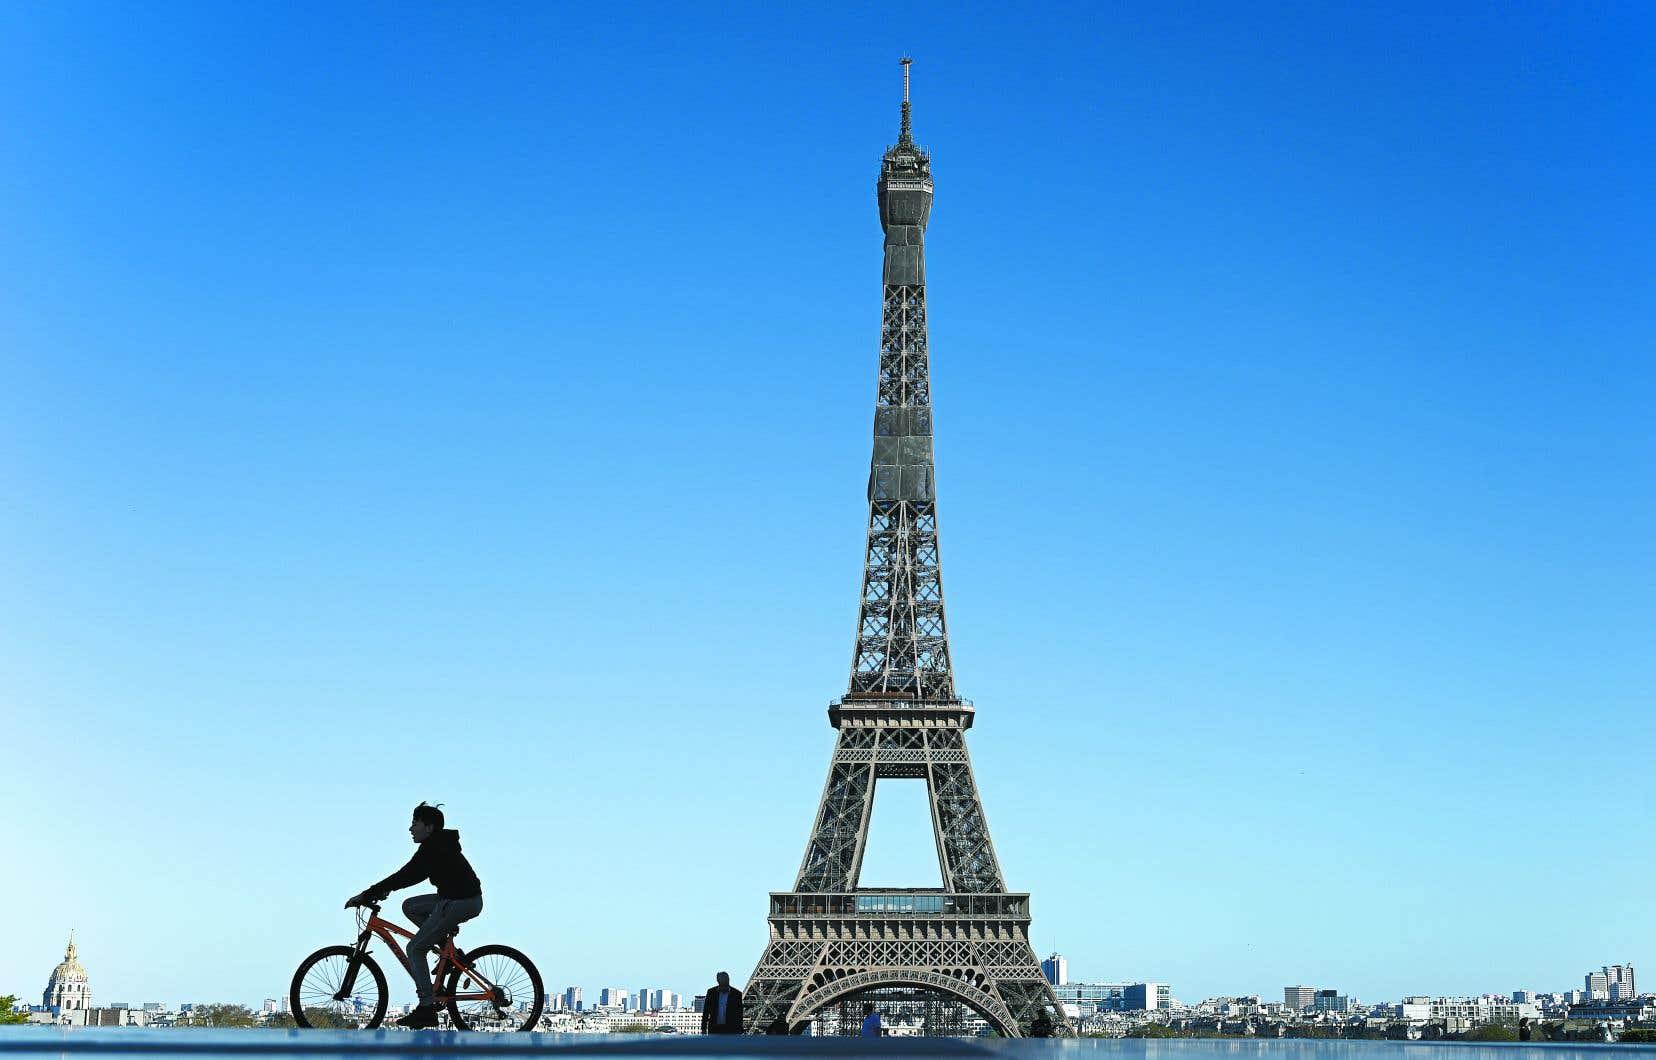 Un garçon passait à vélo devant la tour Eiffel à Paris, dimanche. 357 décès ont été enregistrés en France dimanche, soit le nombre le plus bas depuis une semaine, ce qui laisse présager un ralentissement de l'épidémie.